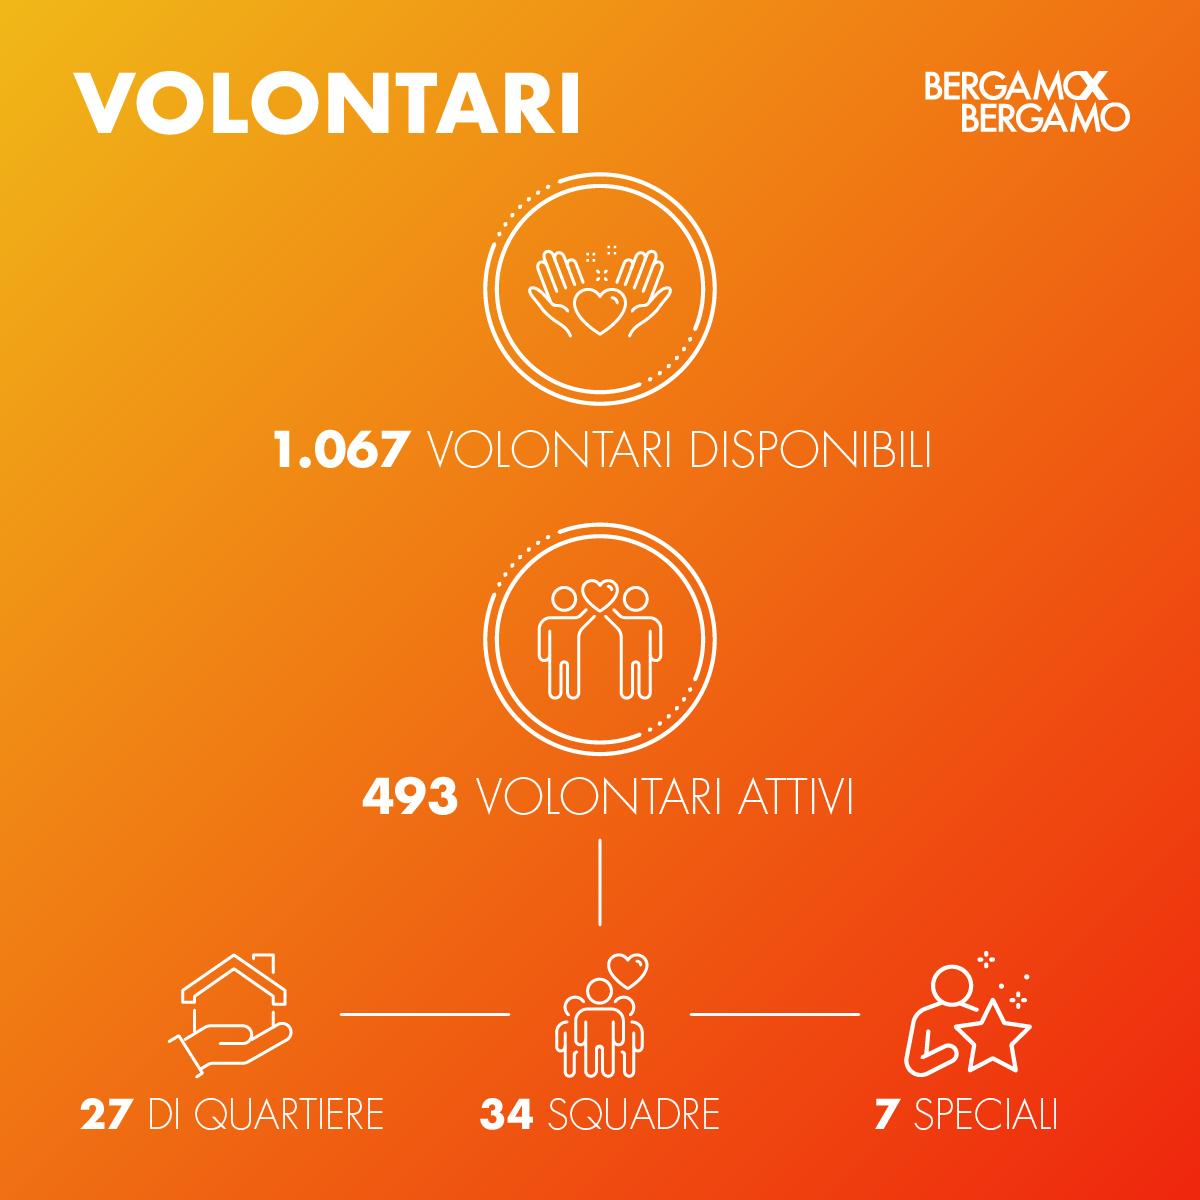 ergamo X Bergamo 2020 Volontariato Covid-19